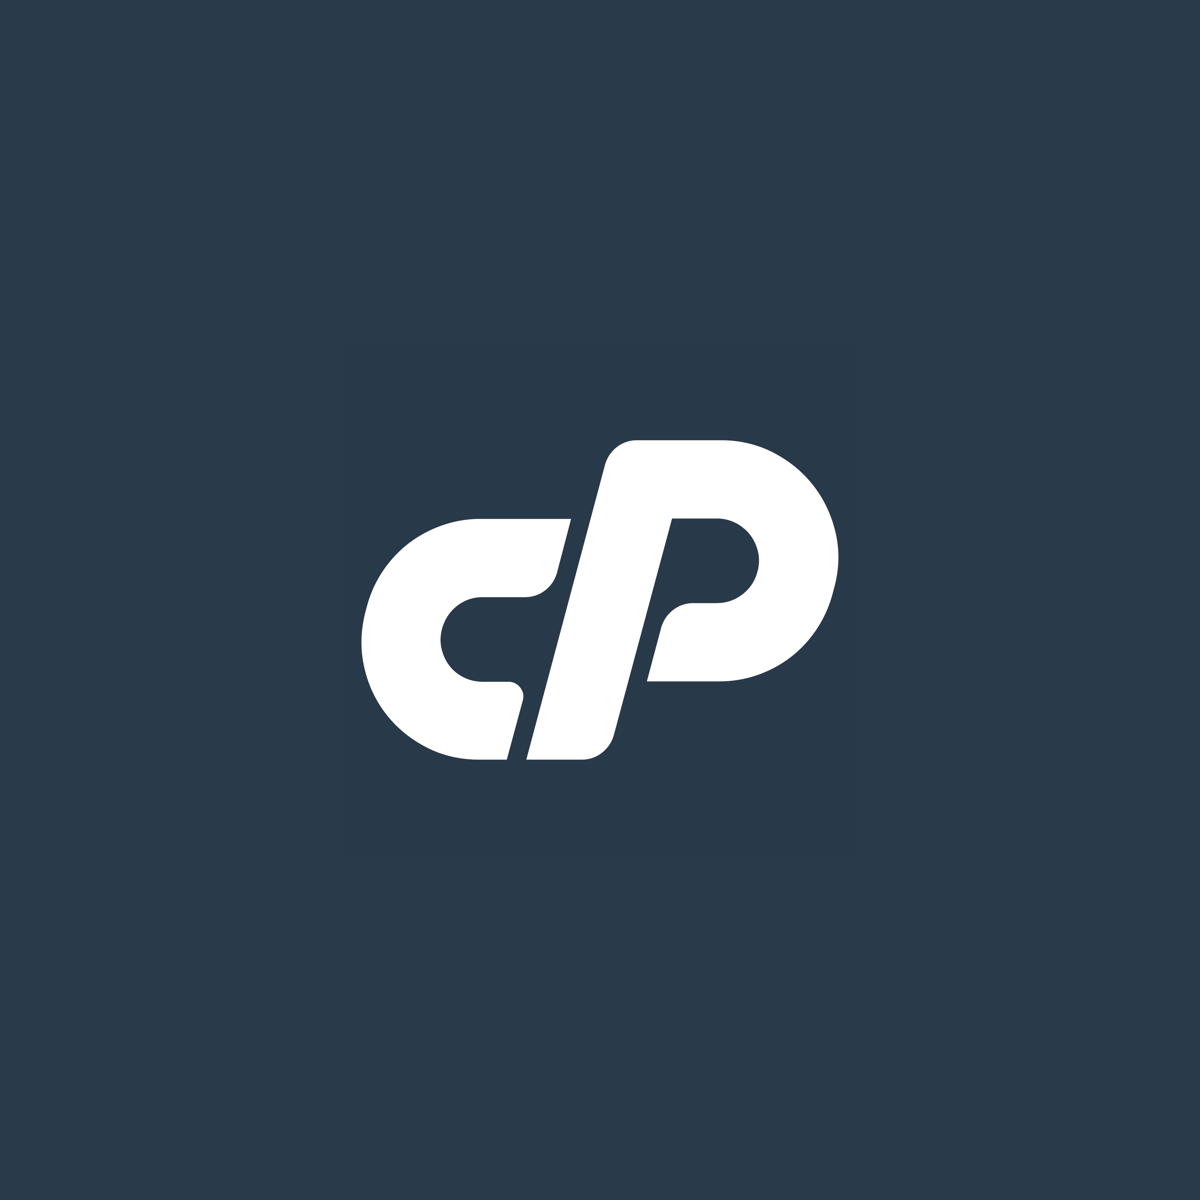 cpanel под ubuntu 20.04